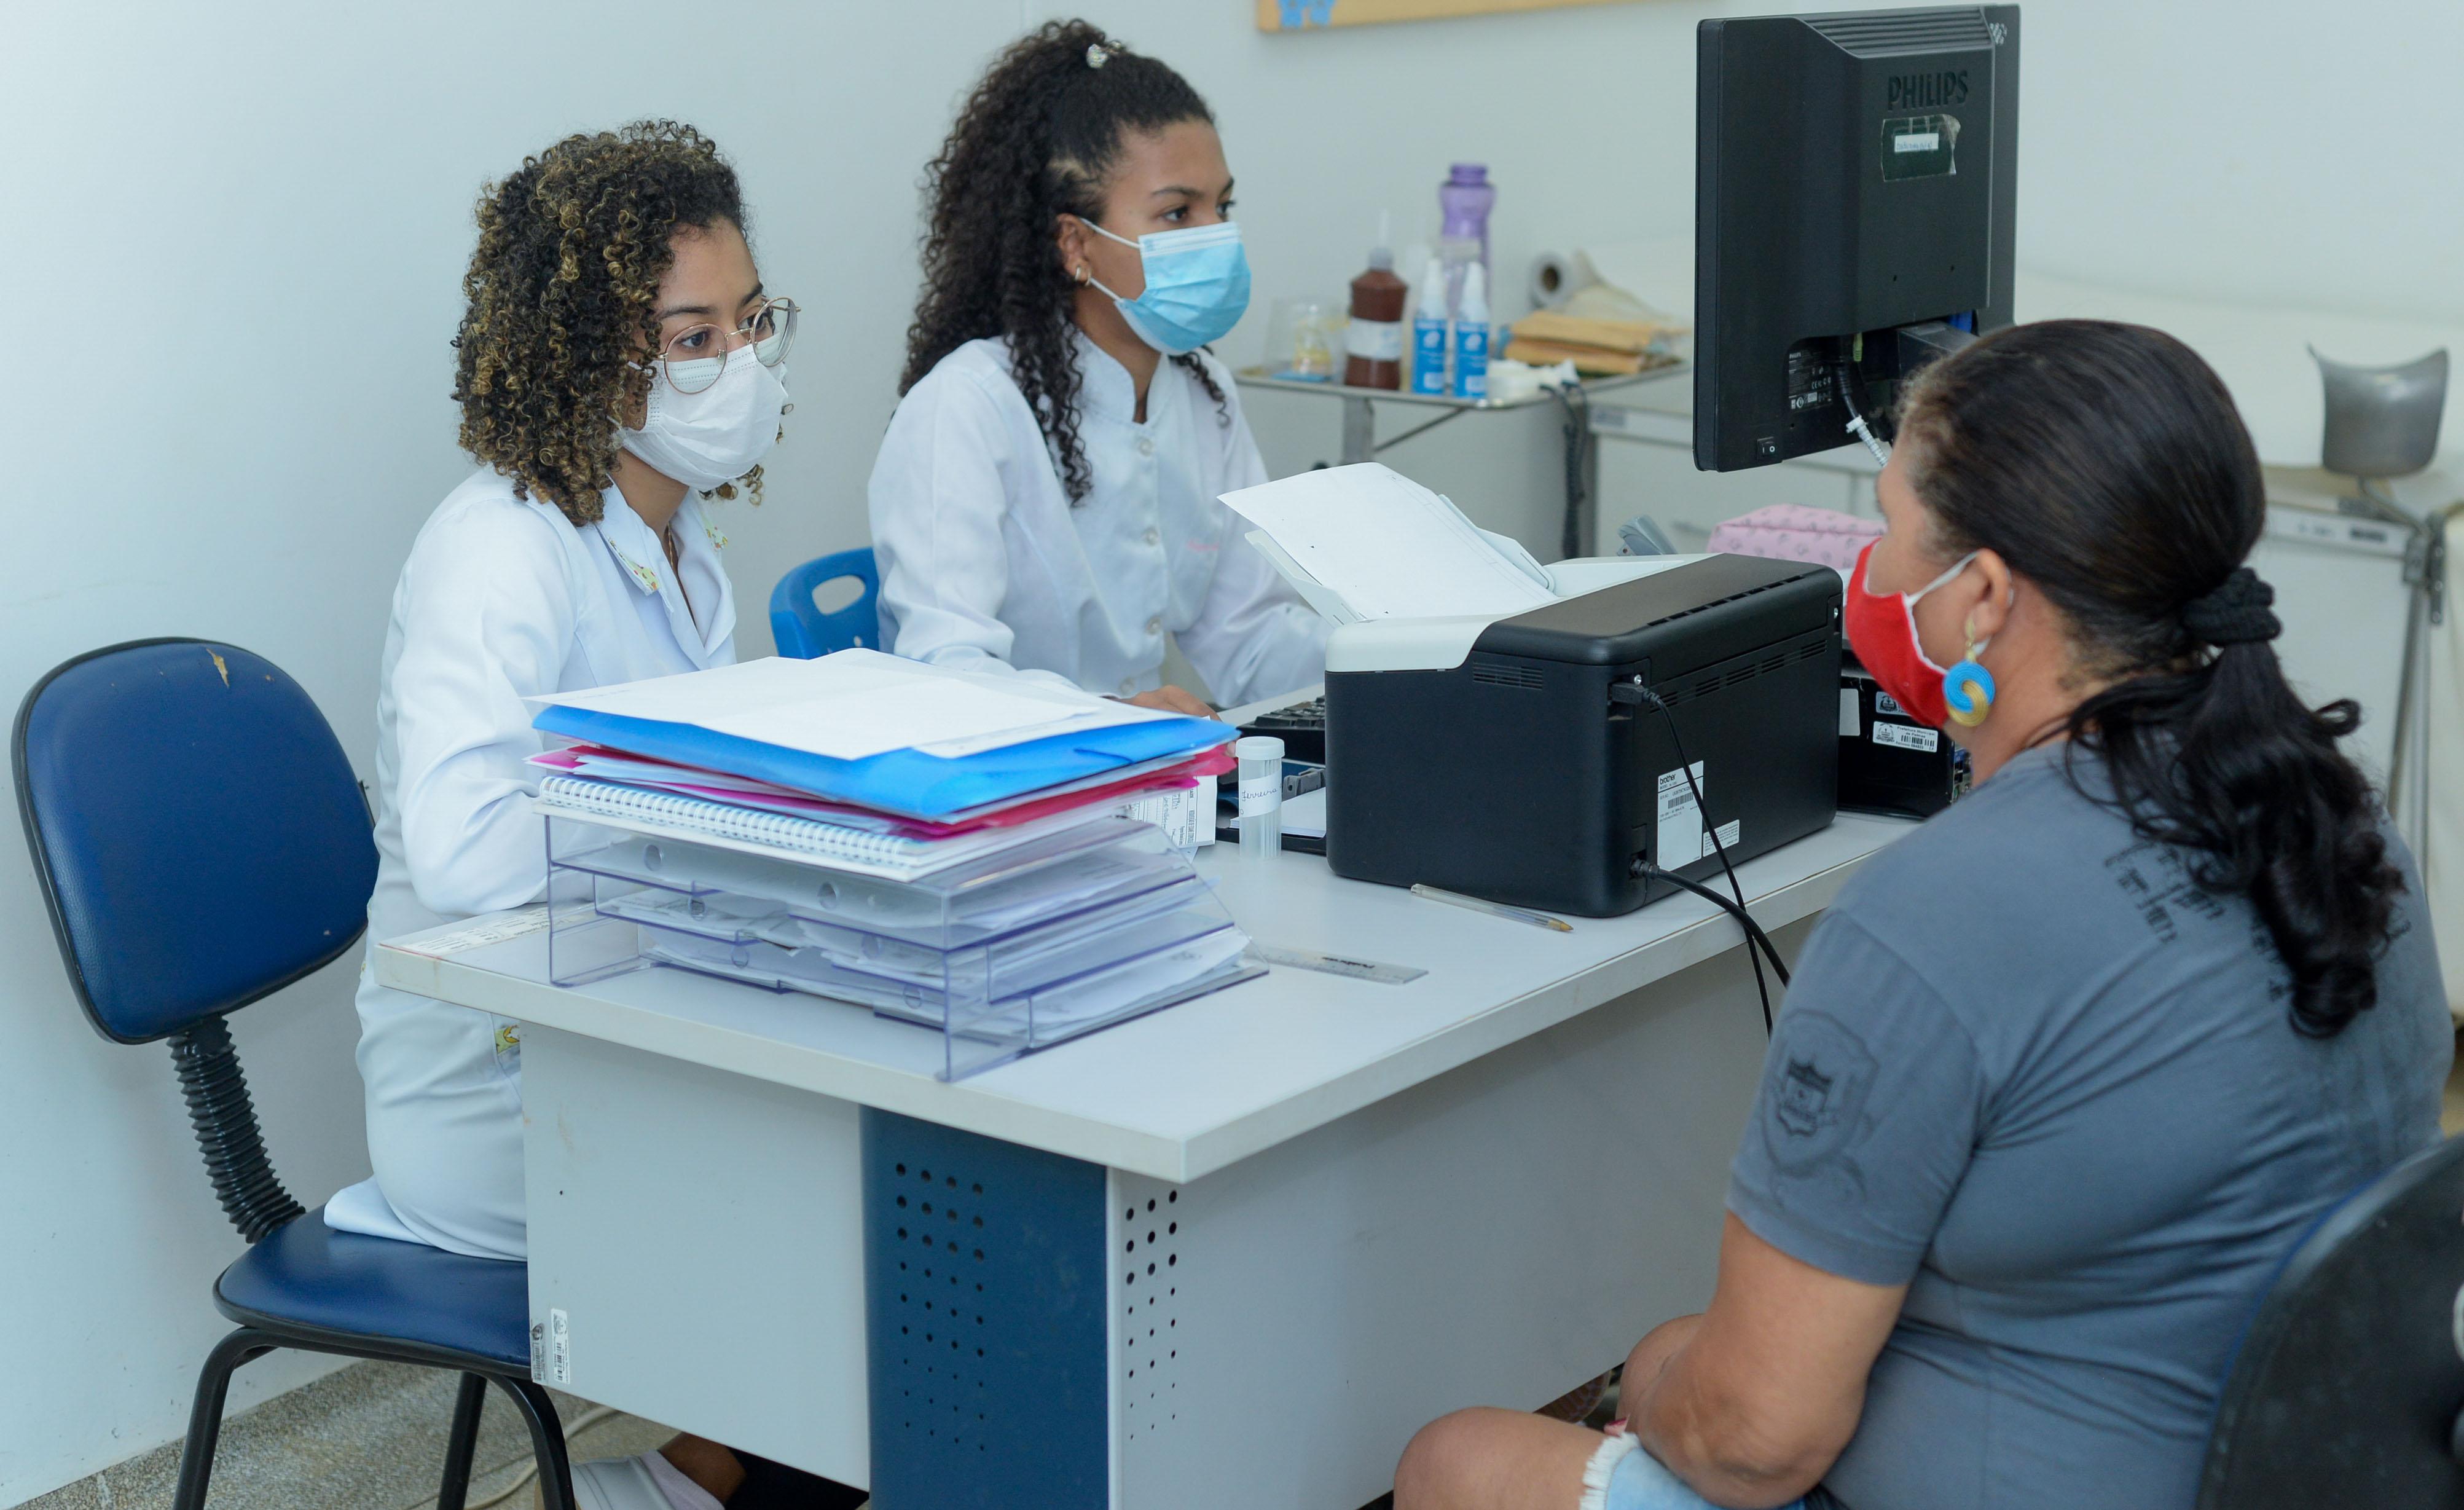 Outubro Rosa: unidades de Saúde realizam atendimentos voltados à promoção da saúde das mulheres